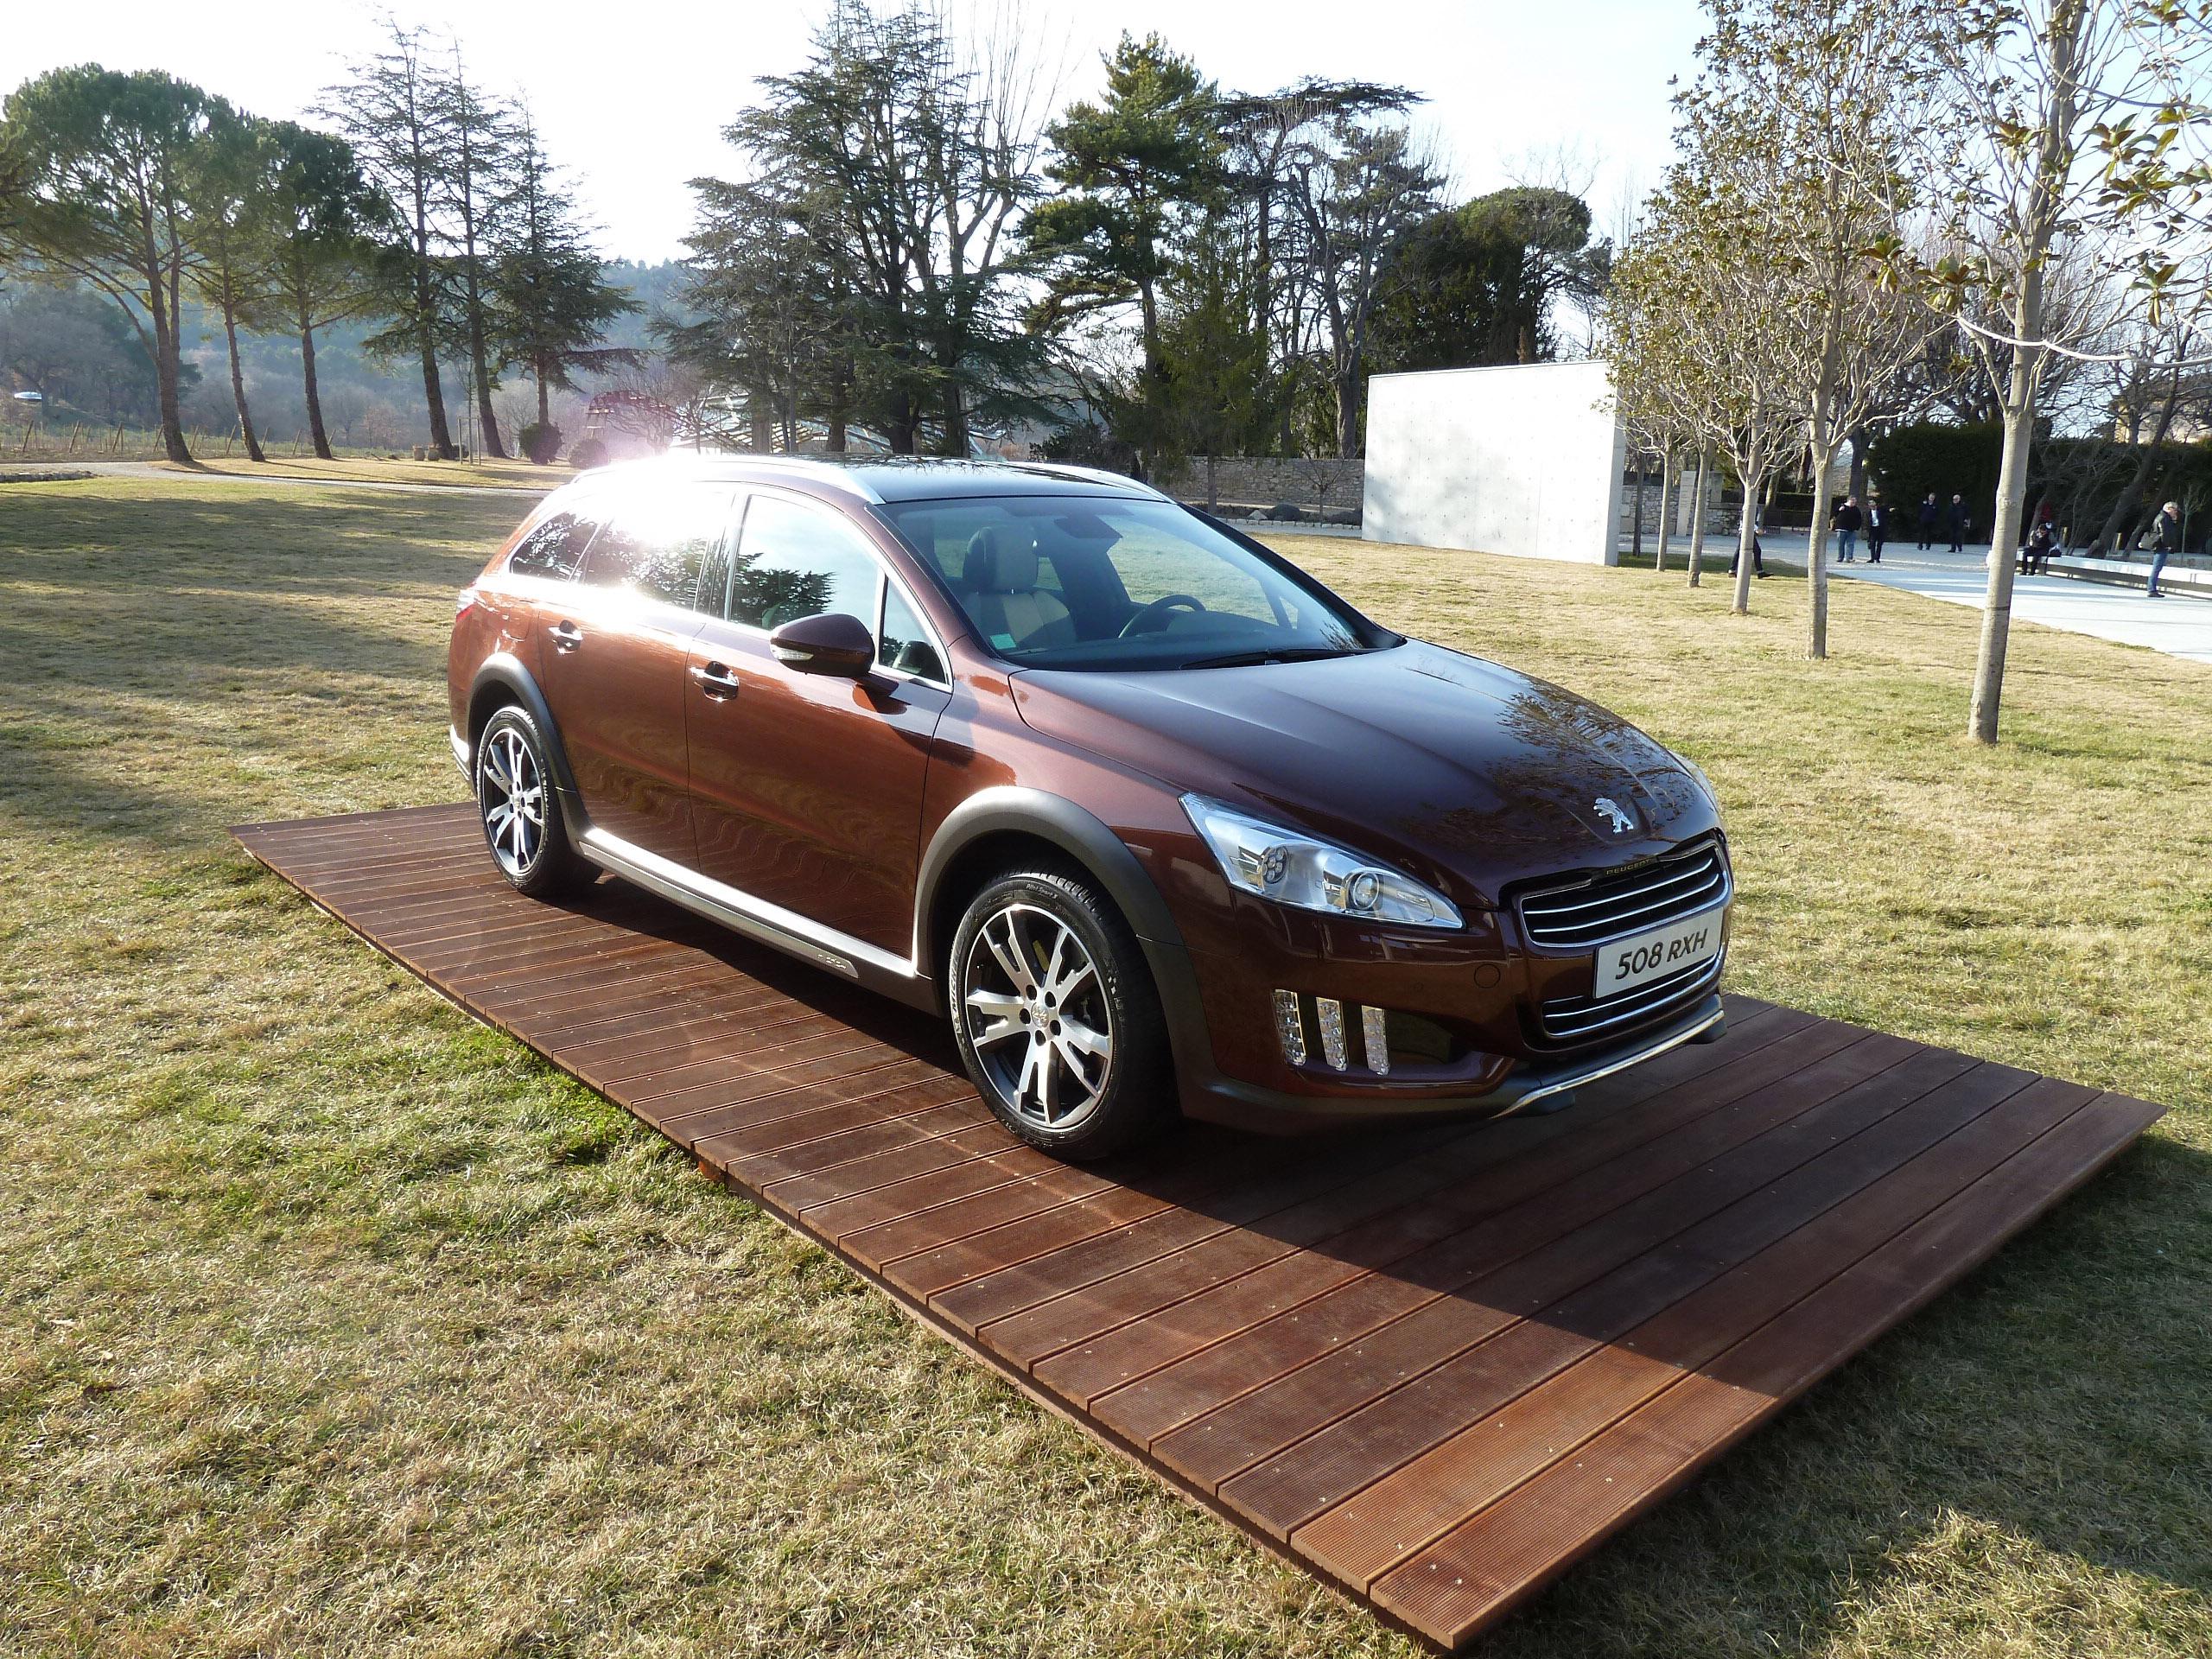 HybridCars.com - Auto alternatives for the 21st century